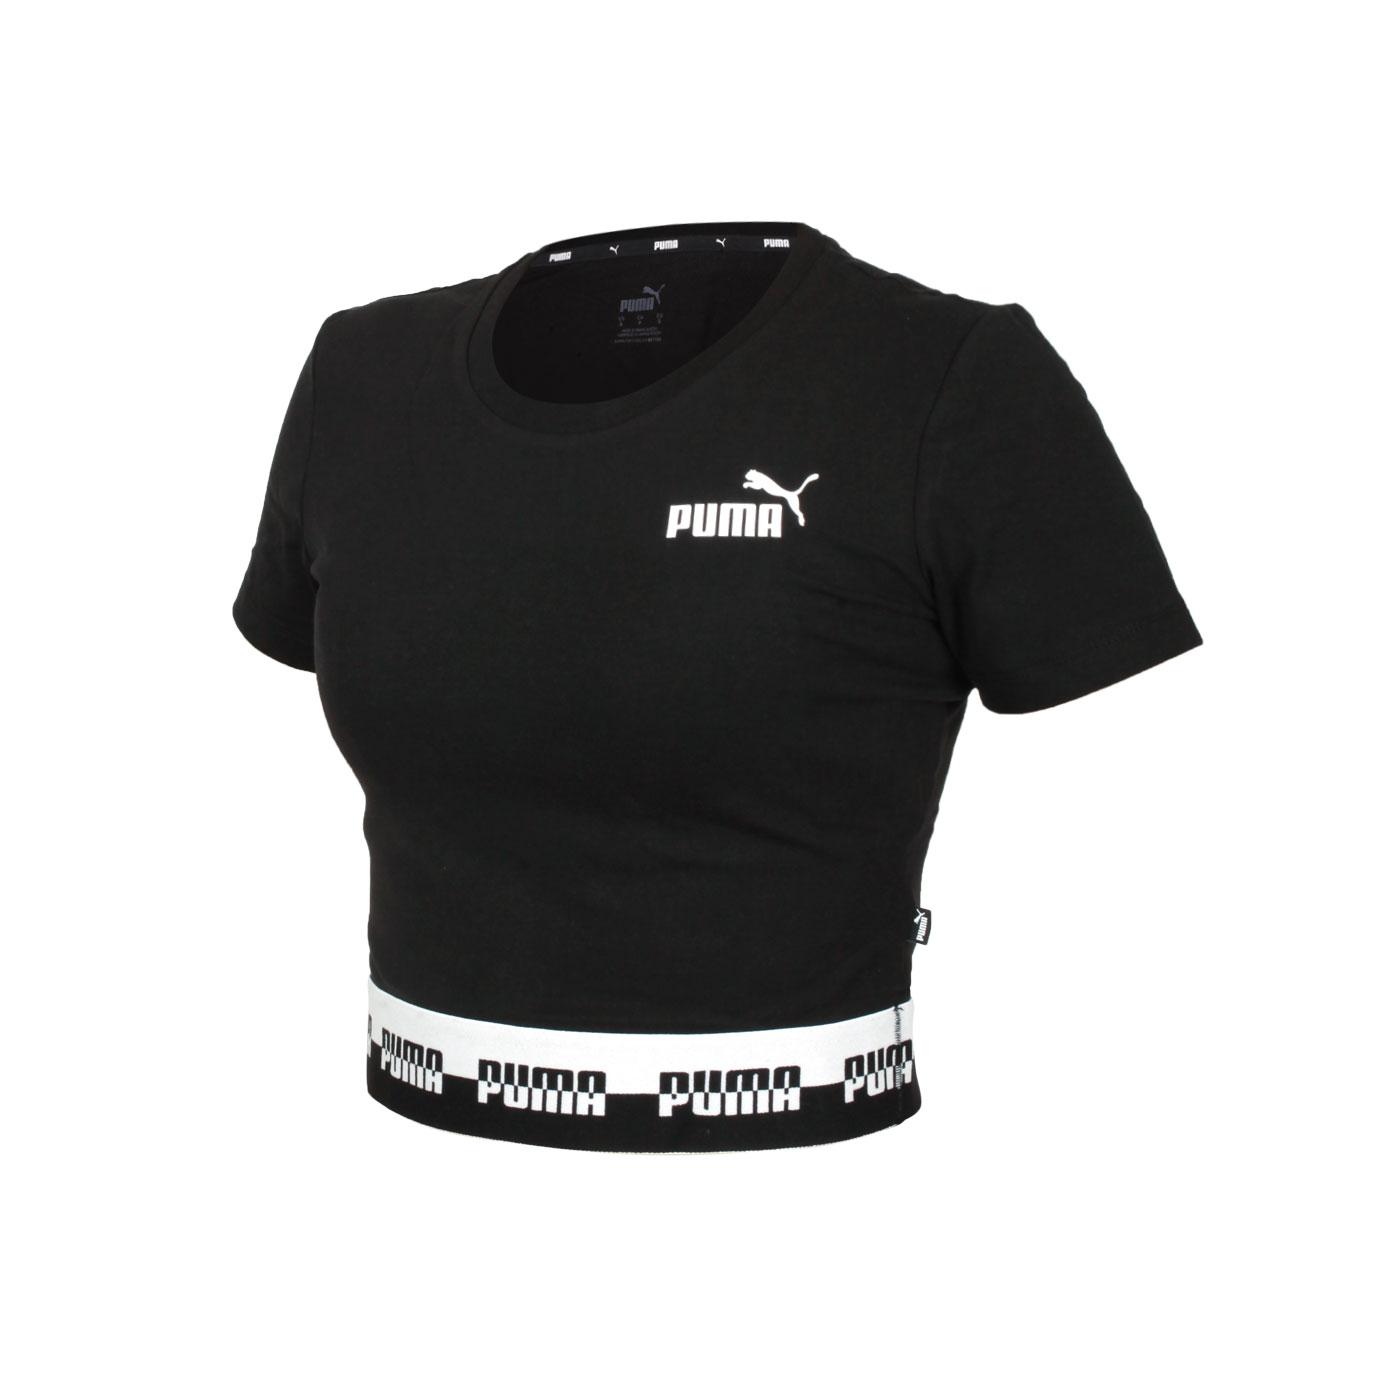 PUMA 女款短版短袖T恤 58590601 - 黑白